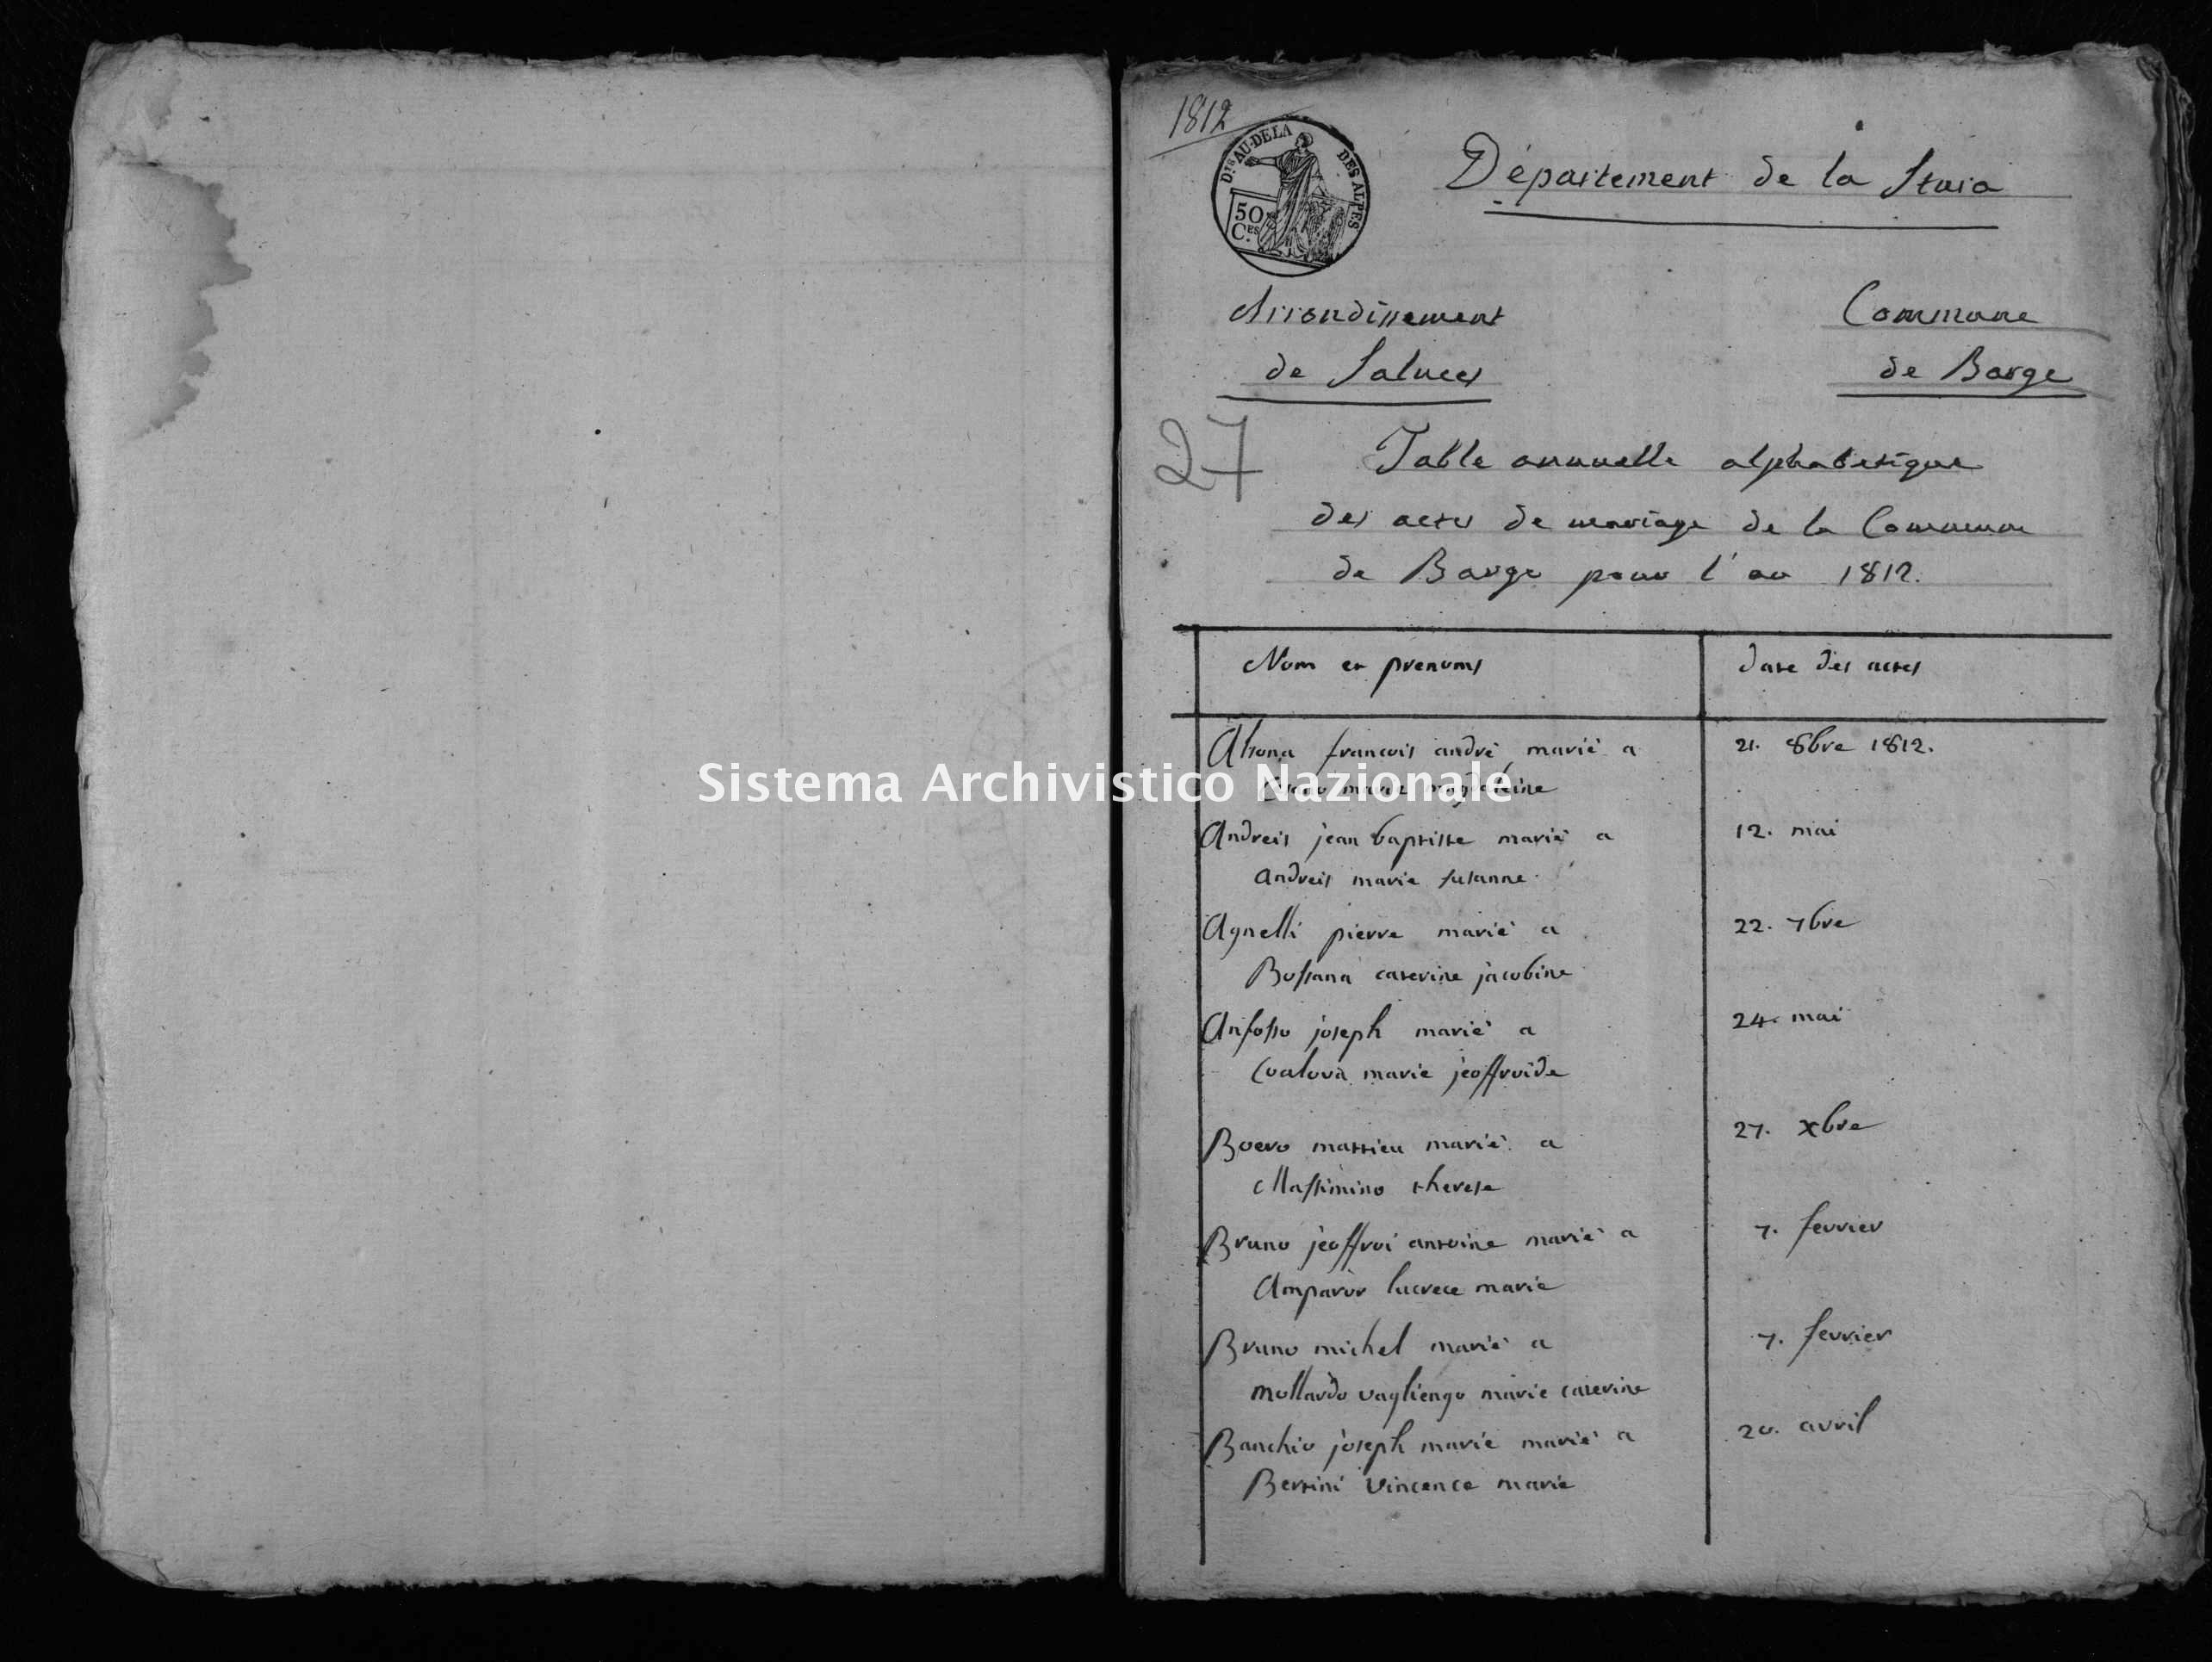 Archivio di stato di Cuneo - Stato civile napoleonico - Barge - Matrimoni, indice - 1812 - 46 -